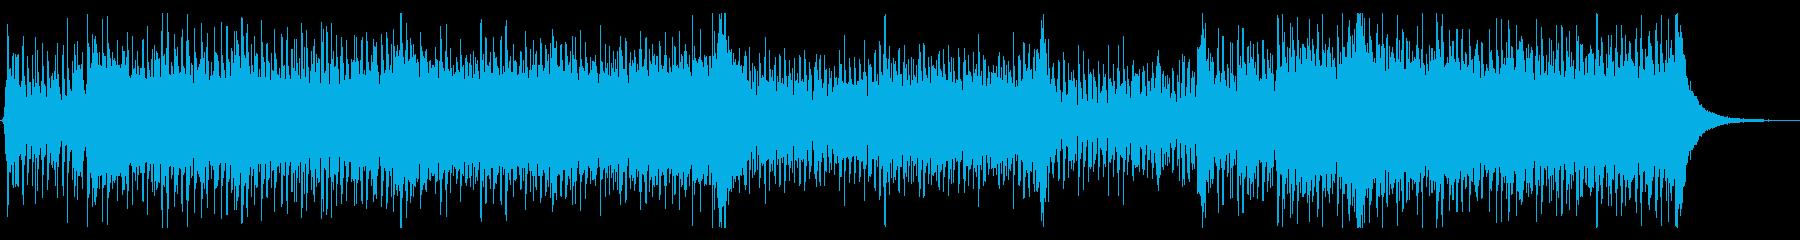 スラップベースと和太鼓の再生済みの波形